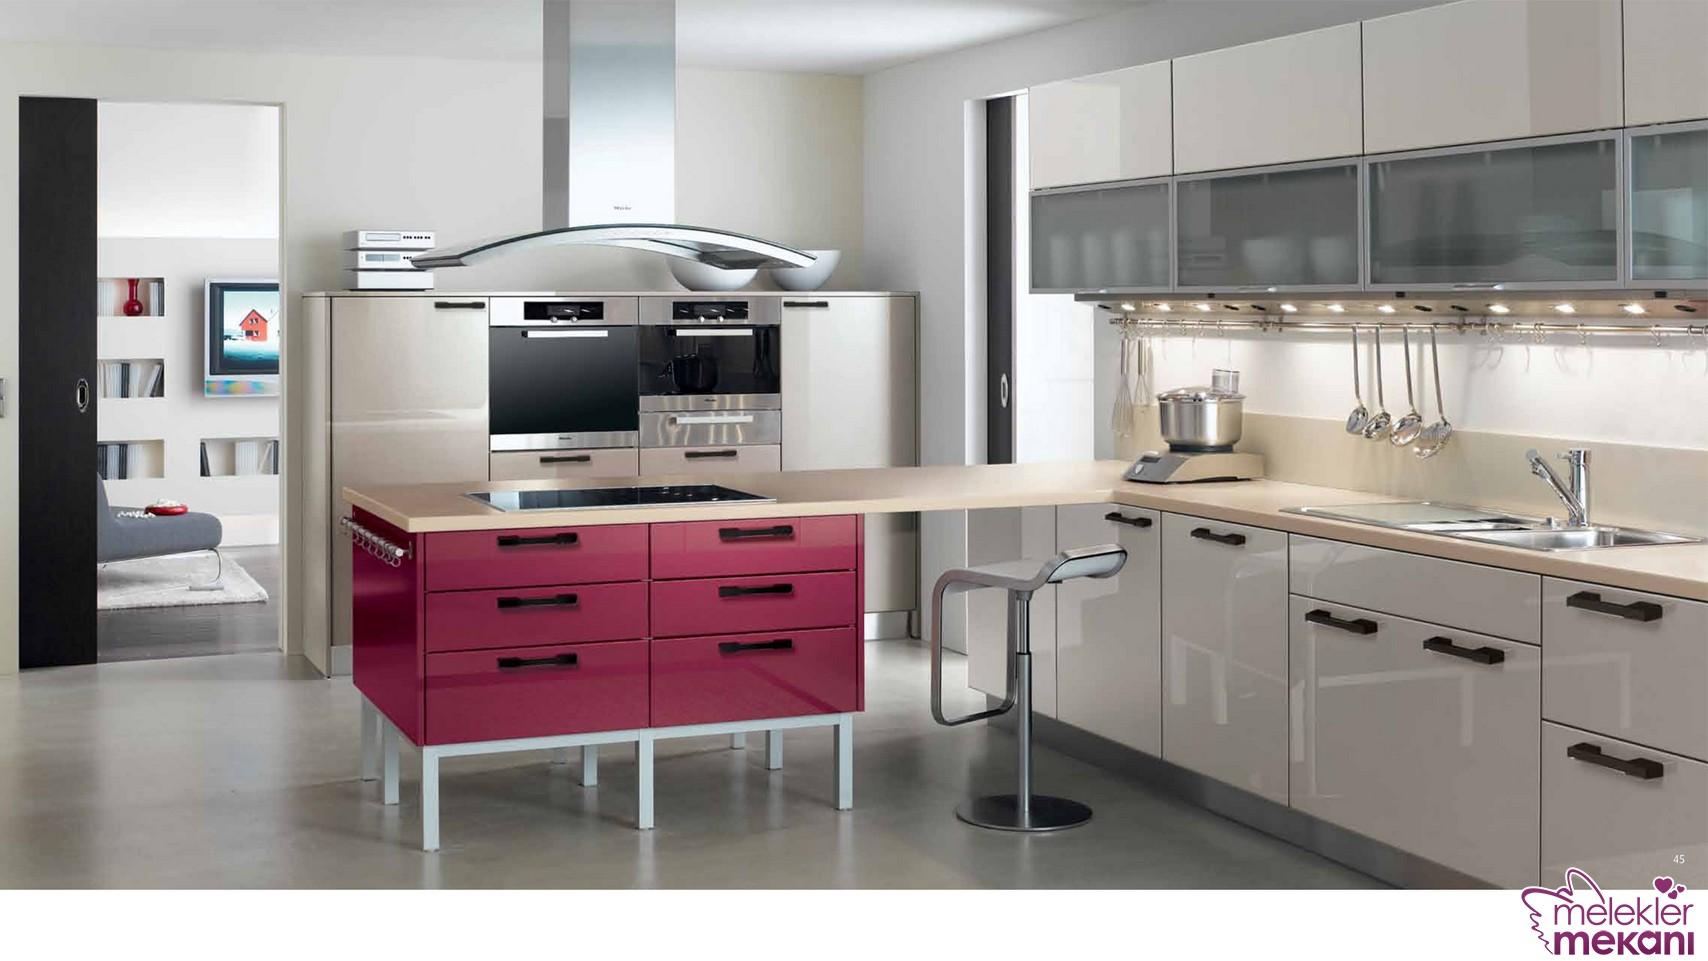 Trend renk seçimi ile mutfak dolaplarınızda ahenkli görünümlere yer açıcı davranabilirsiniz.